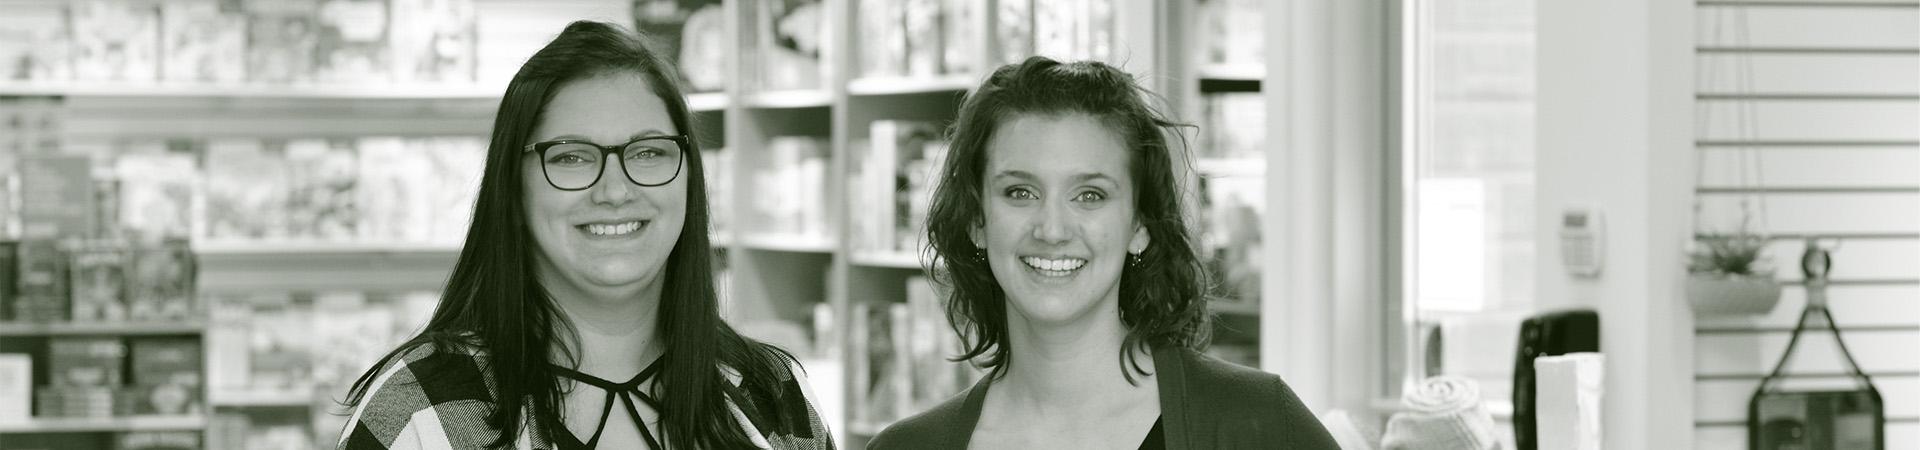 Les soeurs Morais – Boutique Et Cetera